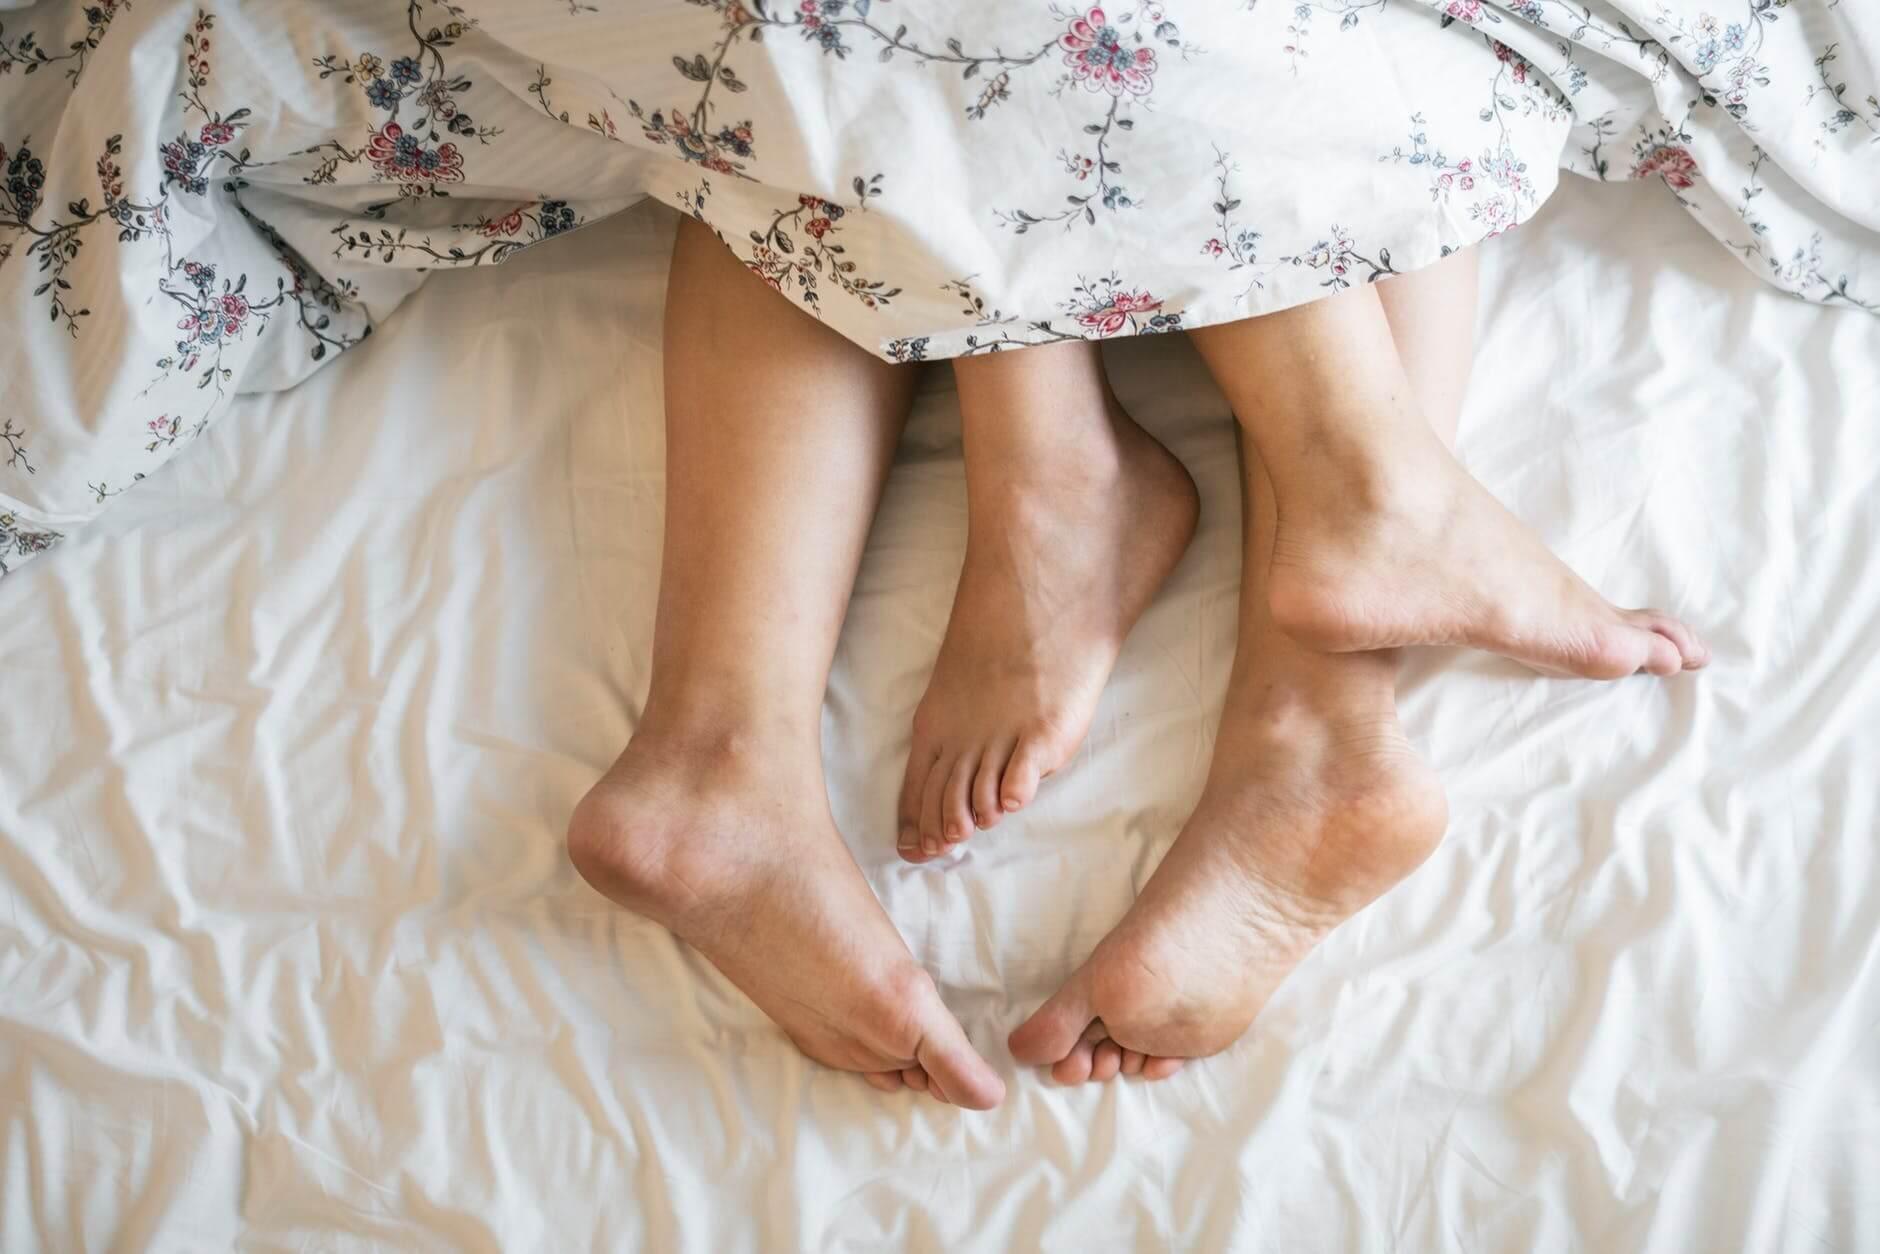 Seksualne diskfunkcije kod žena - Dispareunija